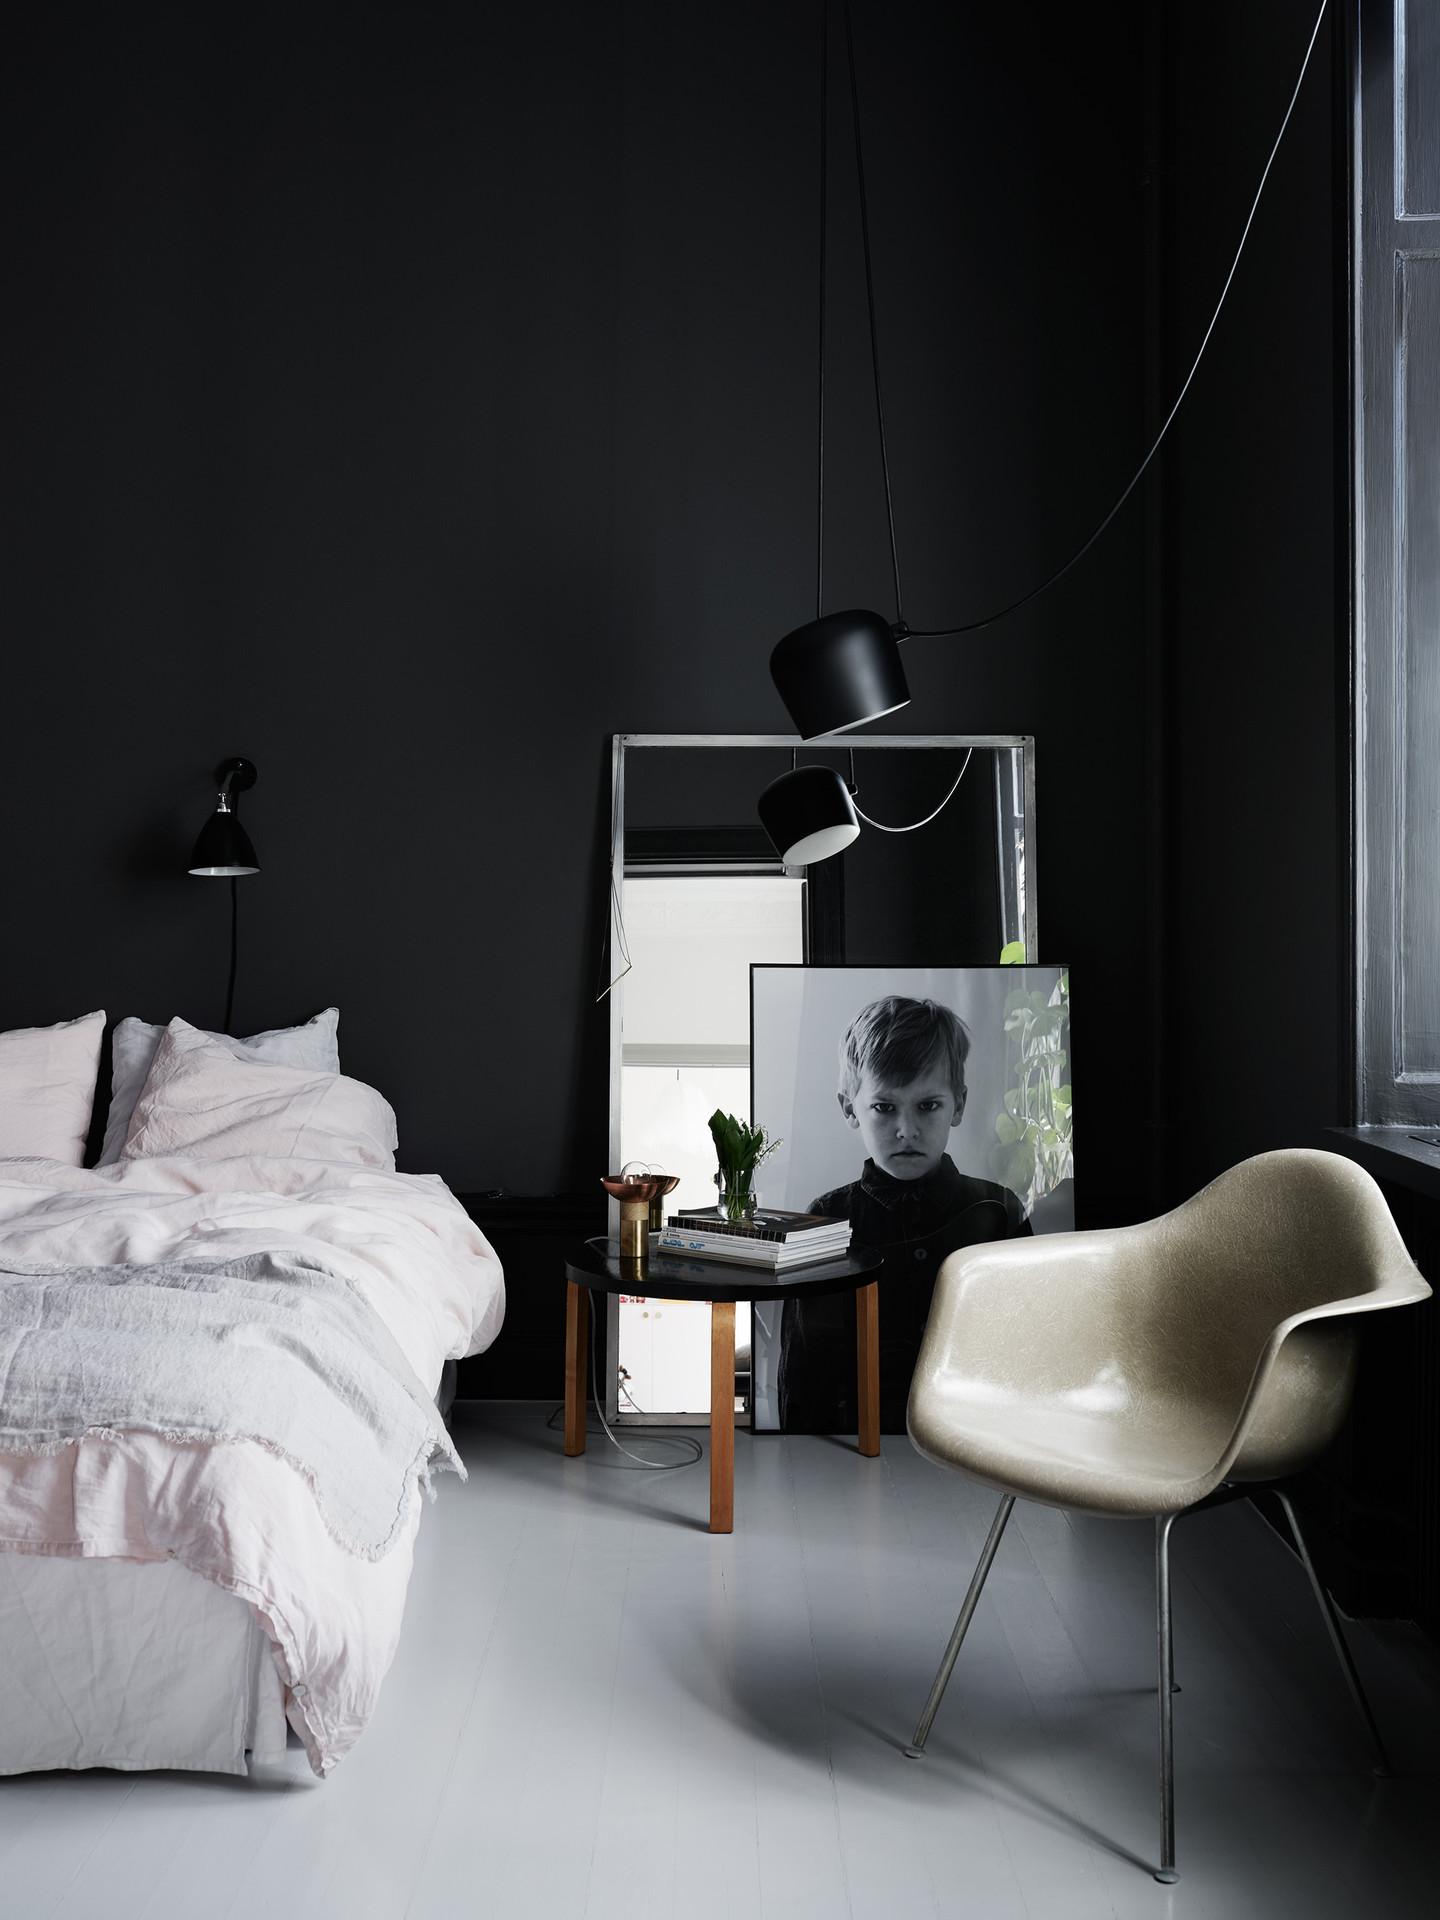 quarto-de-paredes-pretas-com-luminarias-Kristofer Johnsson e Sasa Antic